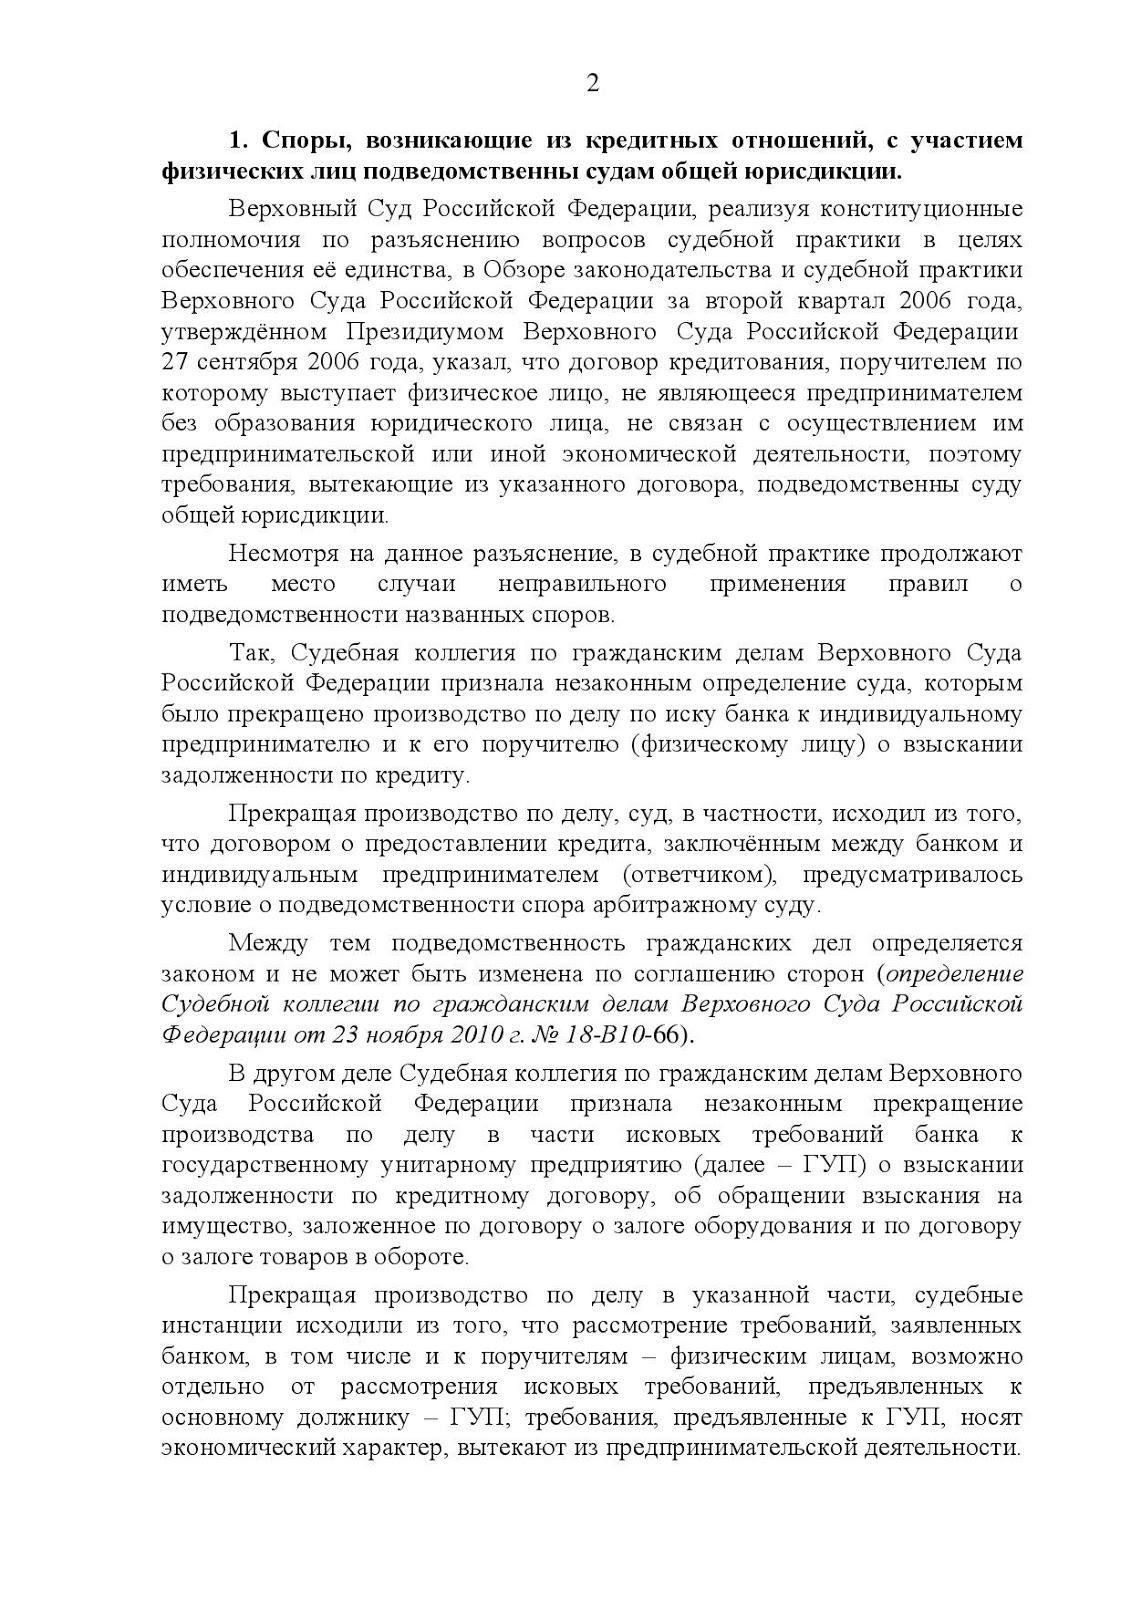 Обзор судебной практики по делам связанным со взысканием алиментов на